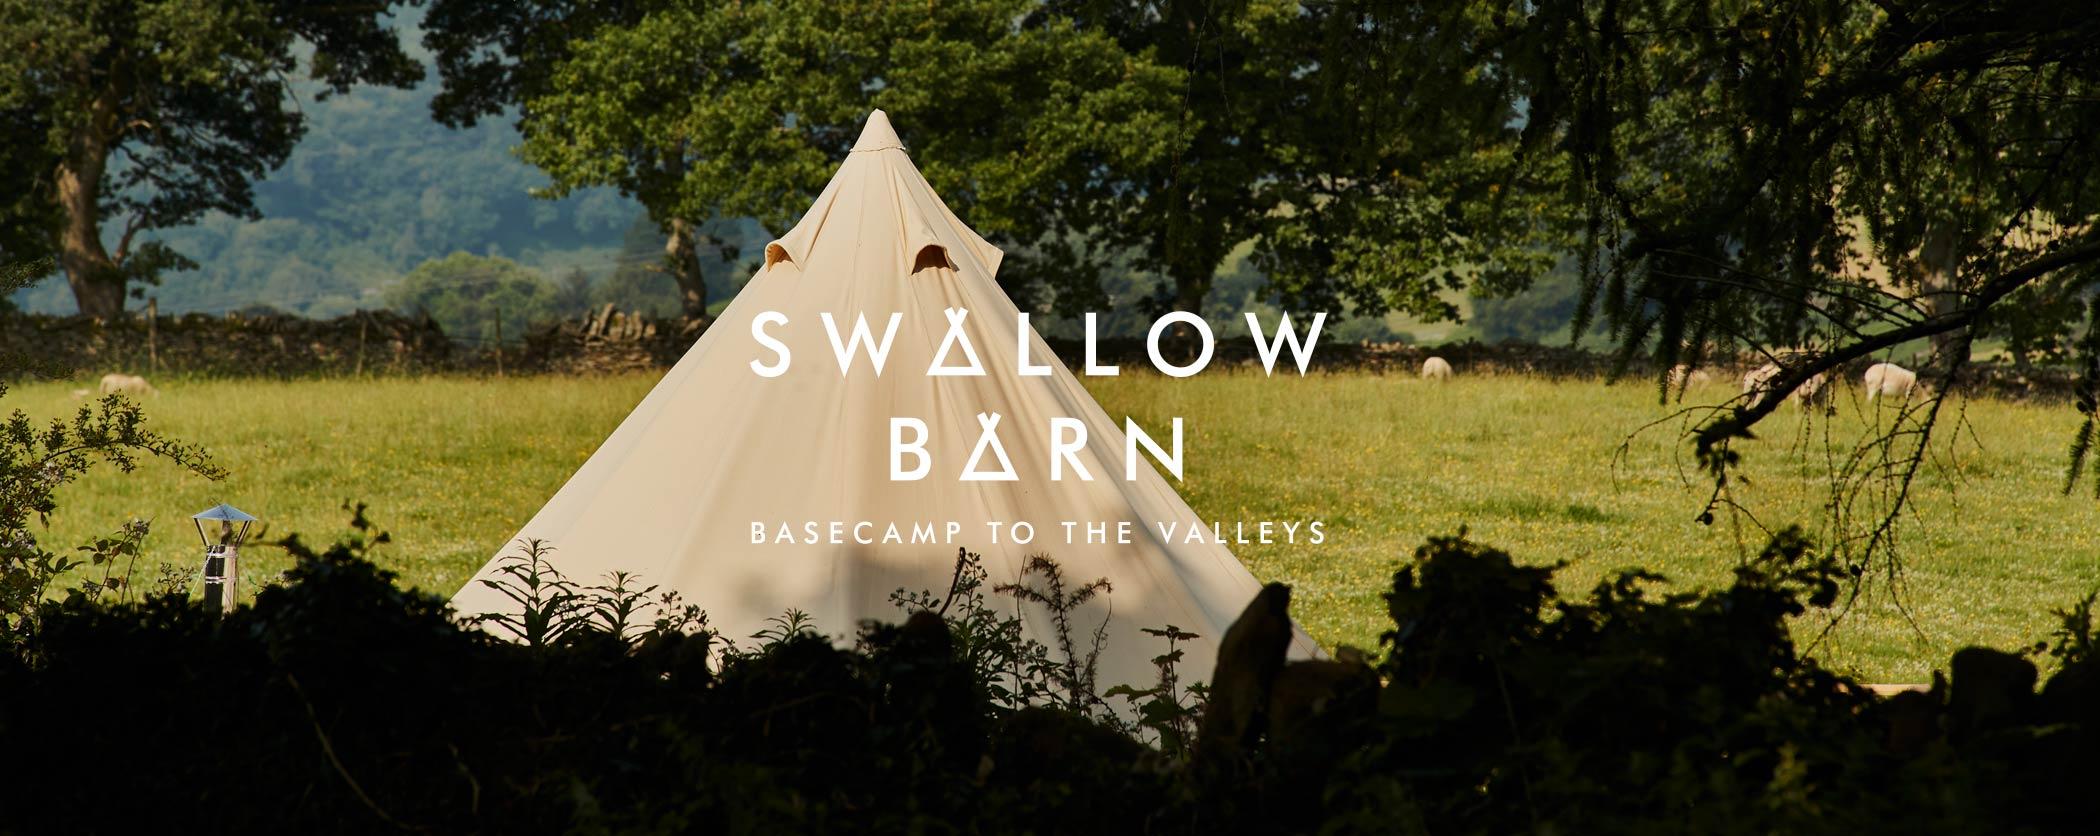 swallowbarn-brecon-beacons